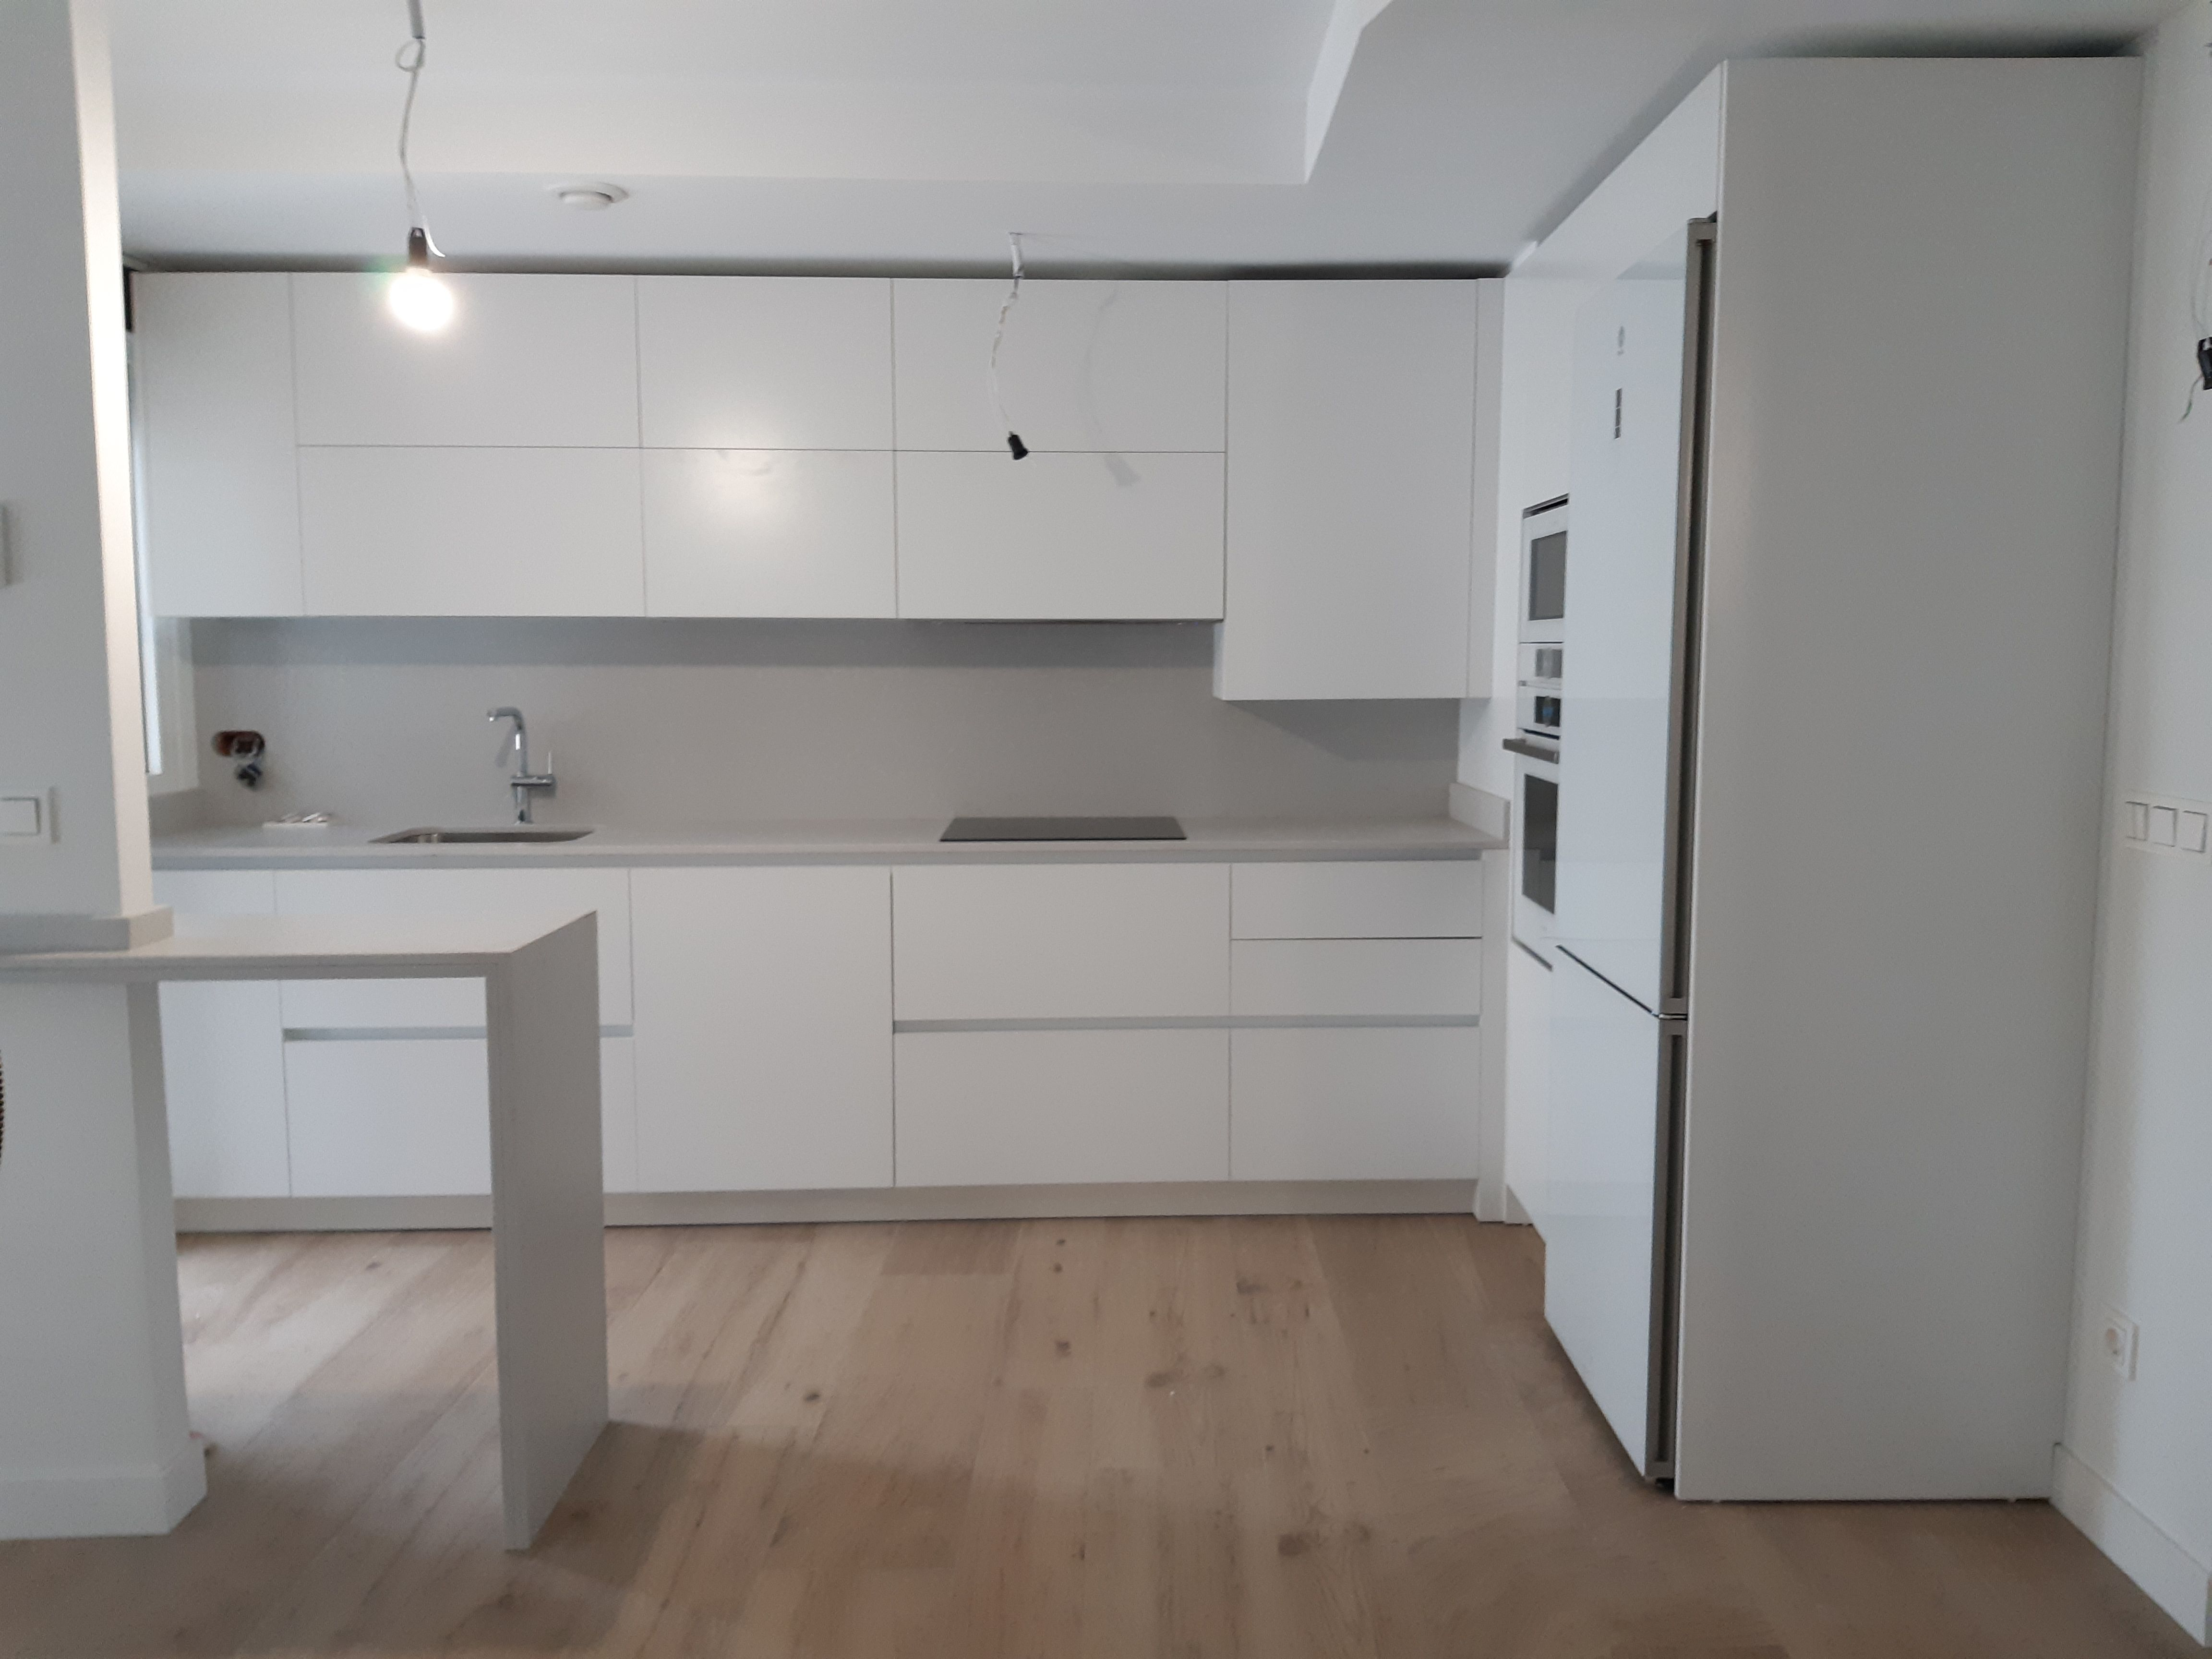 Foto 3 de Muebles de cocina y baño en Andoain | Tecnicocina